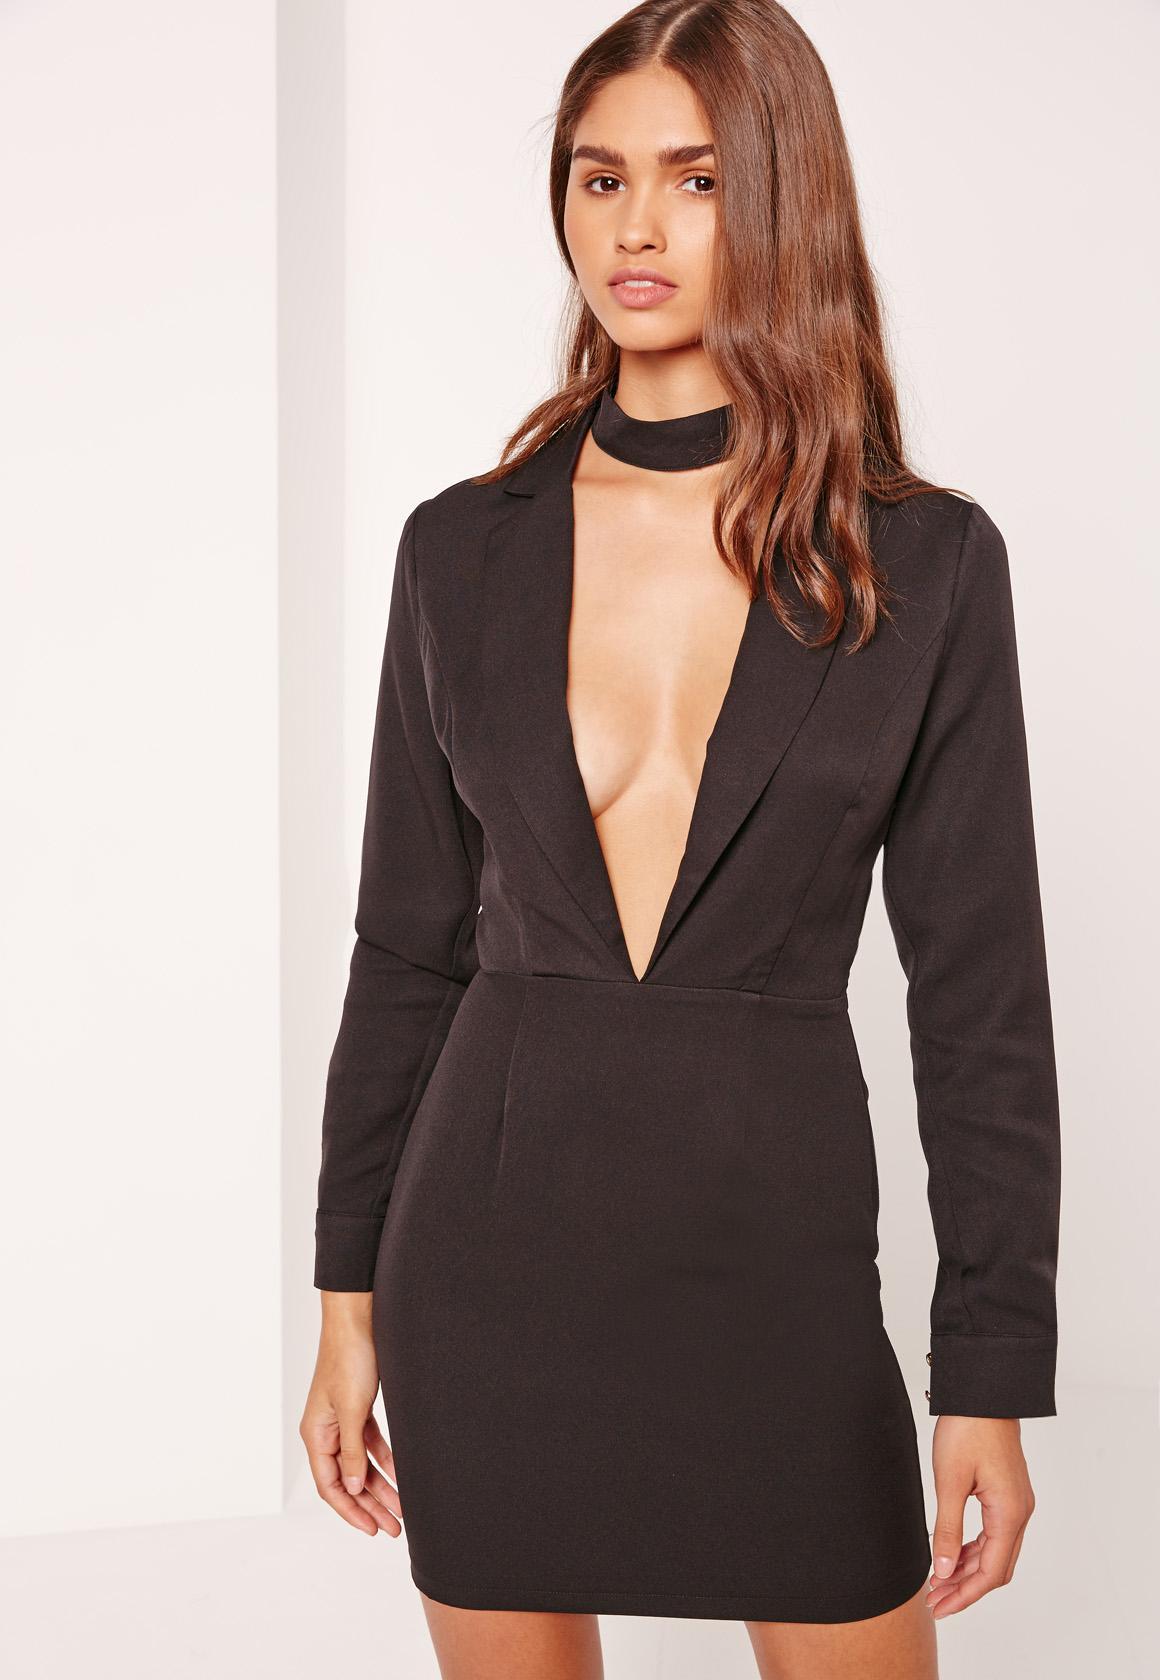 Blazer Dresses | Women's Tux Dresses - Missguided